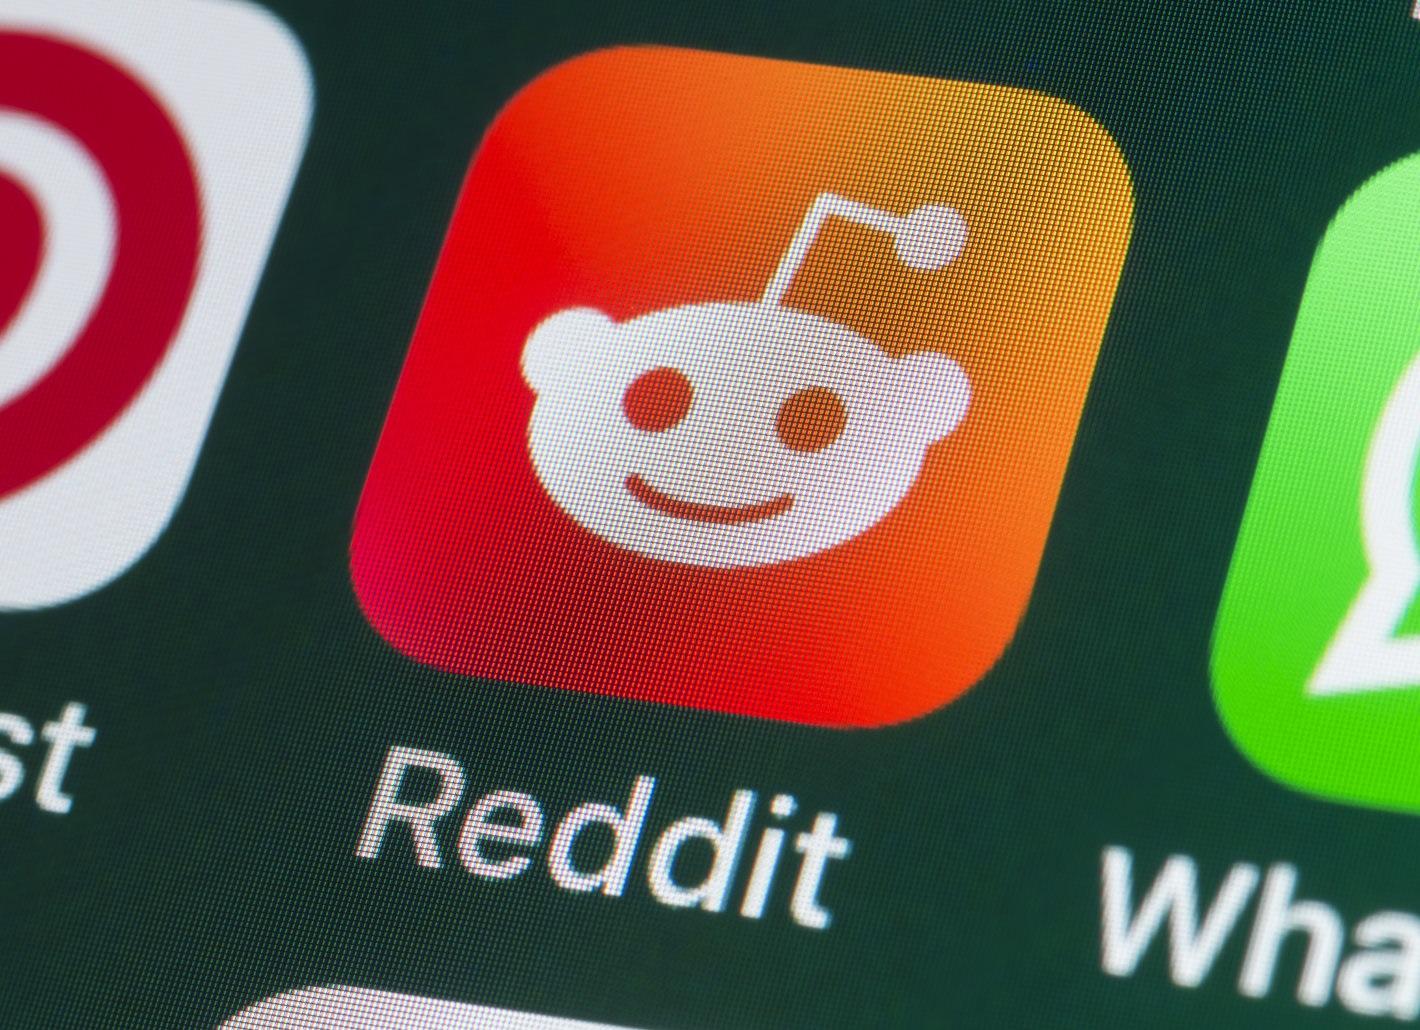 Stripe Vs Paypal Reddit